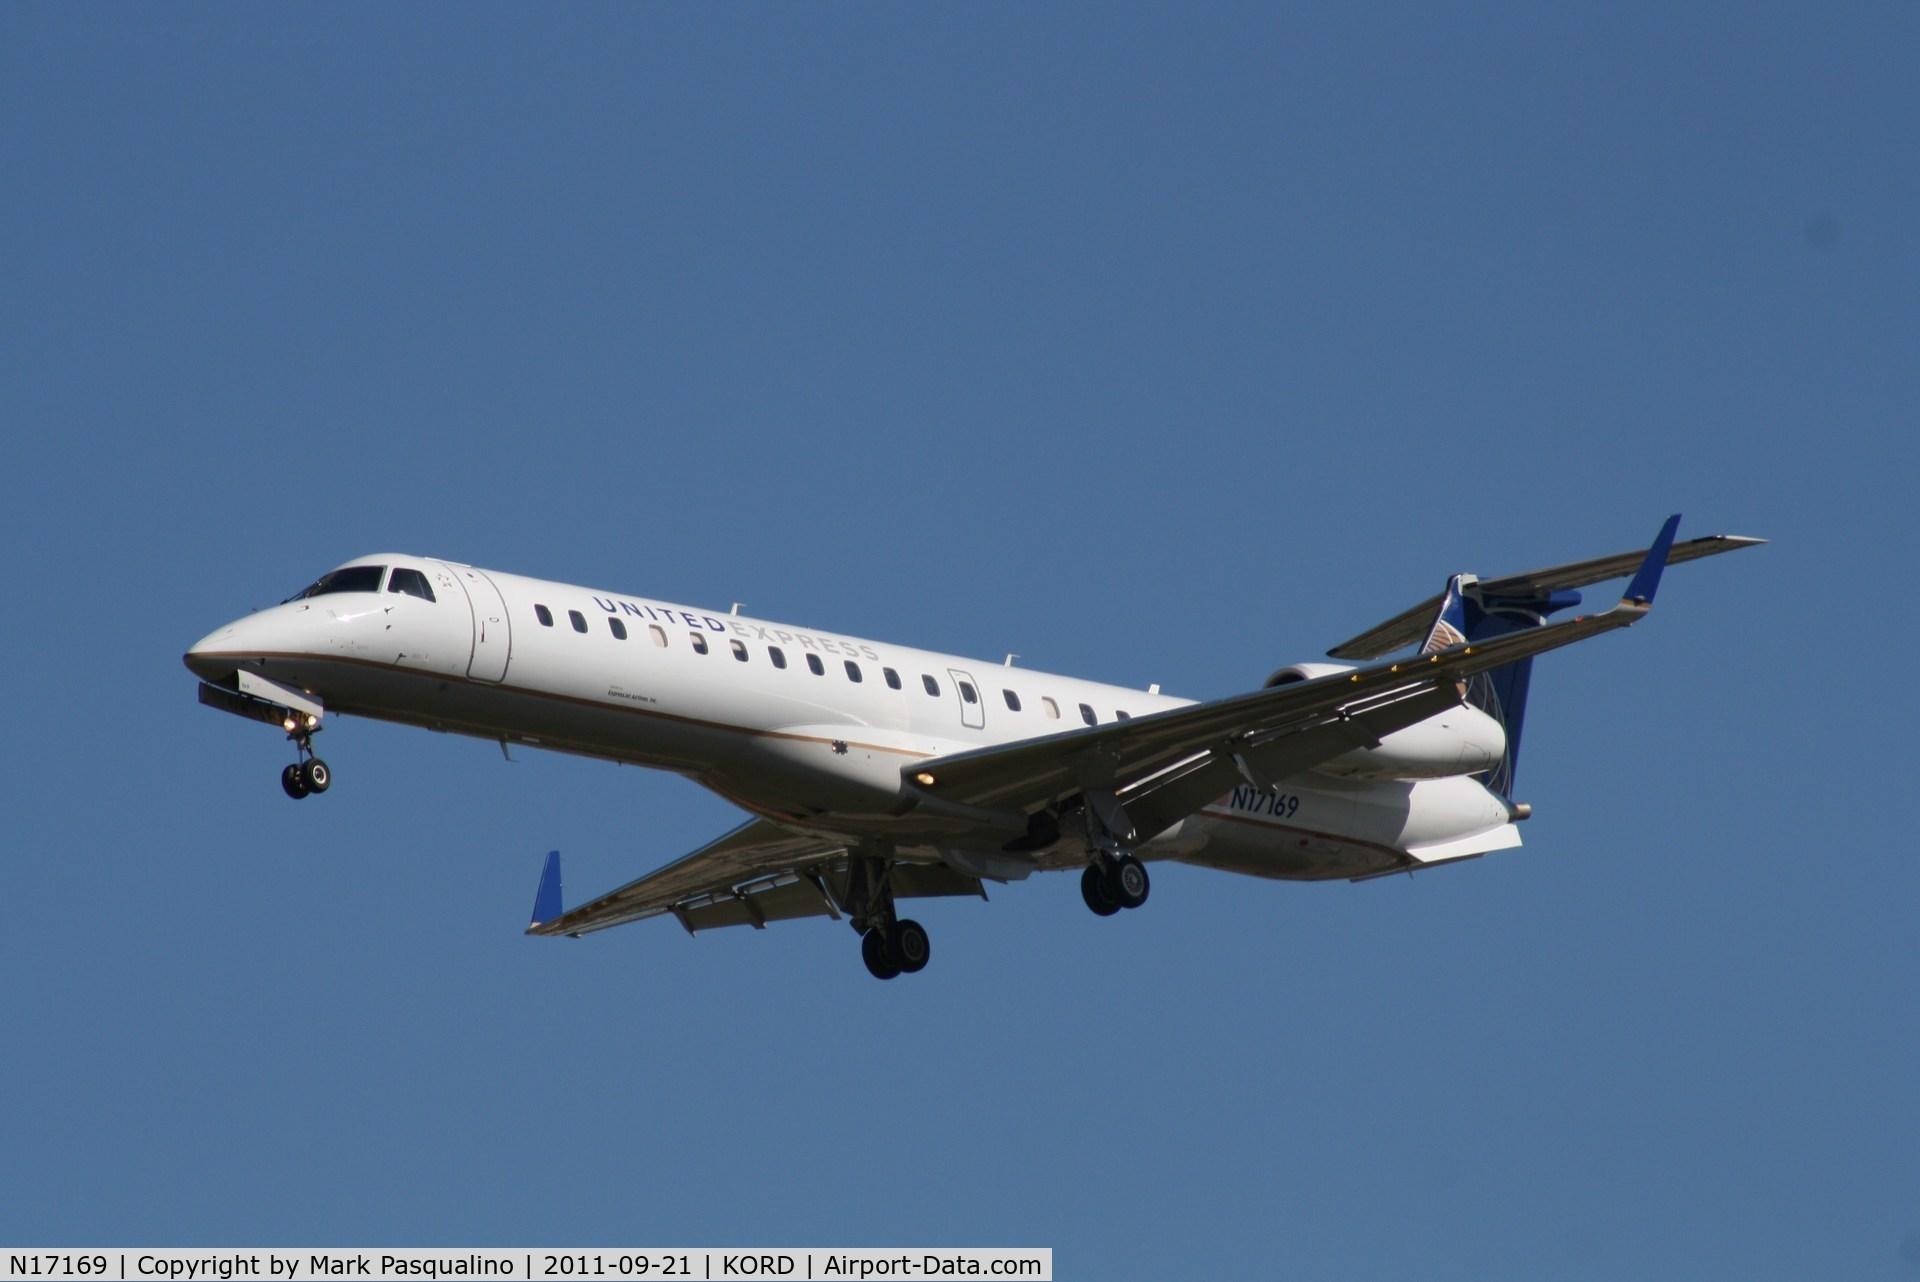 N17169, 2004 Embraer EMB-145XR C/N 14500844, EMB-145XR